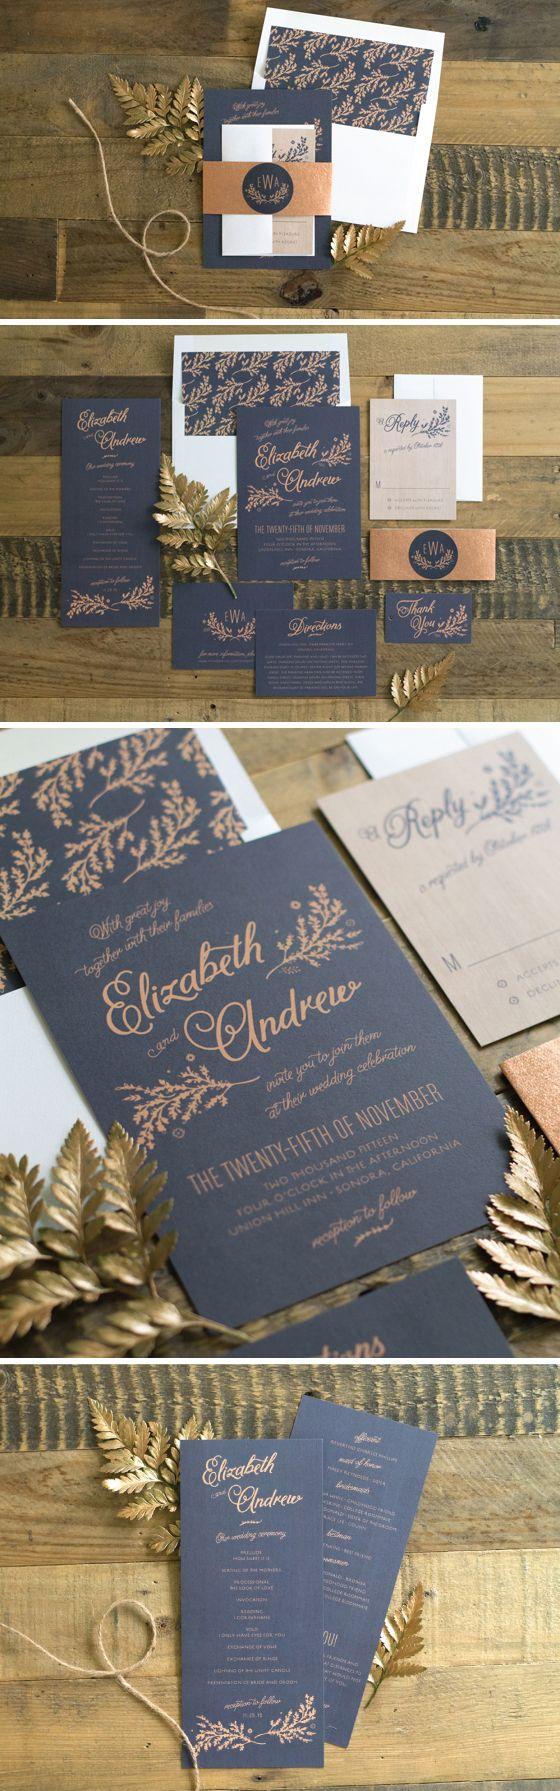 deer hunter wedding invitations%0A Rustic Wedding Invitations in Navy